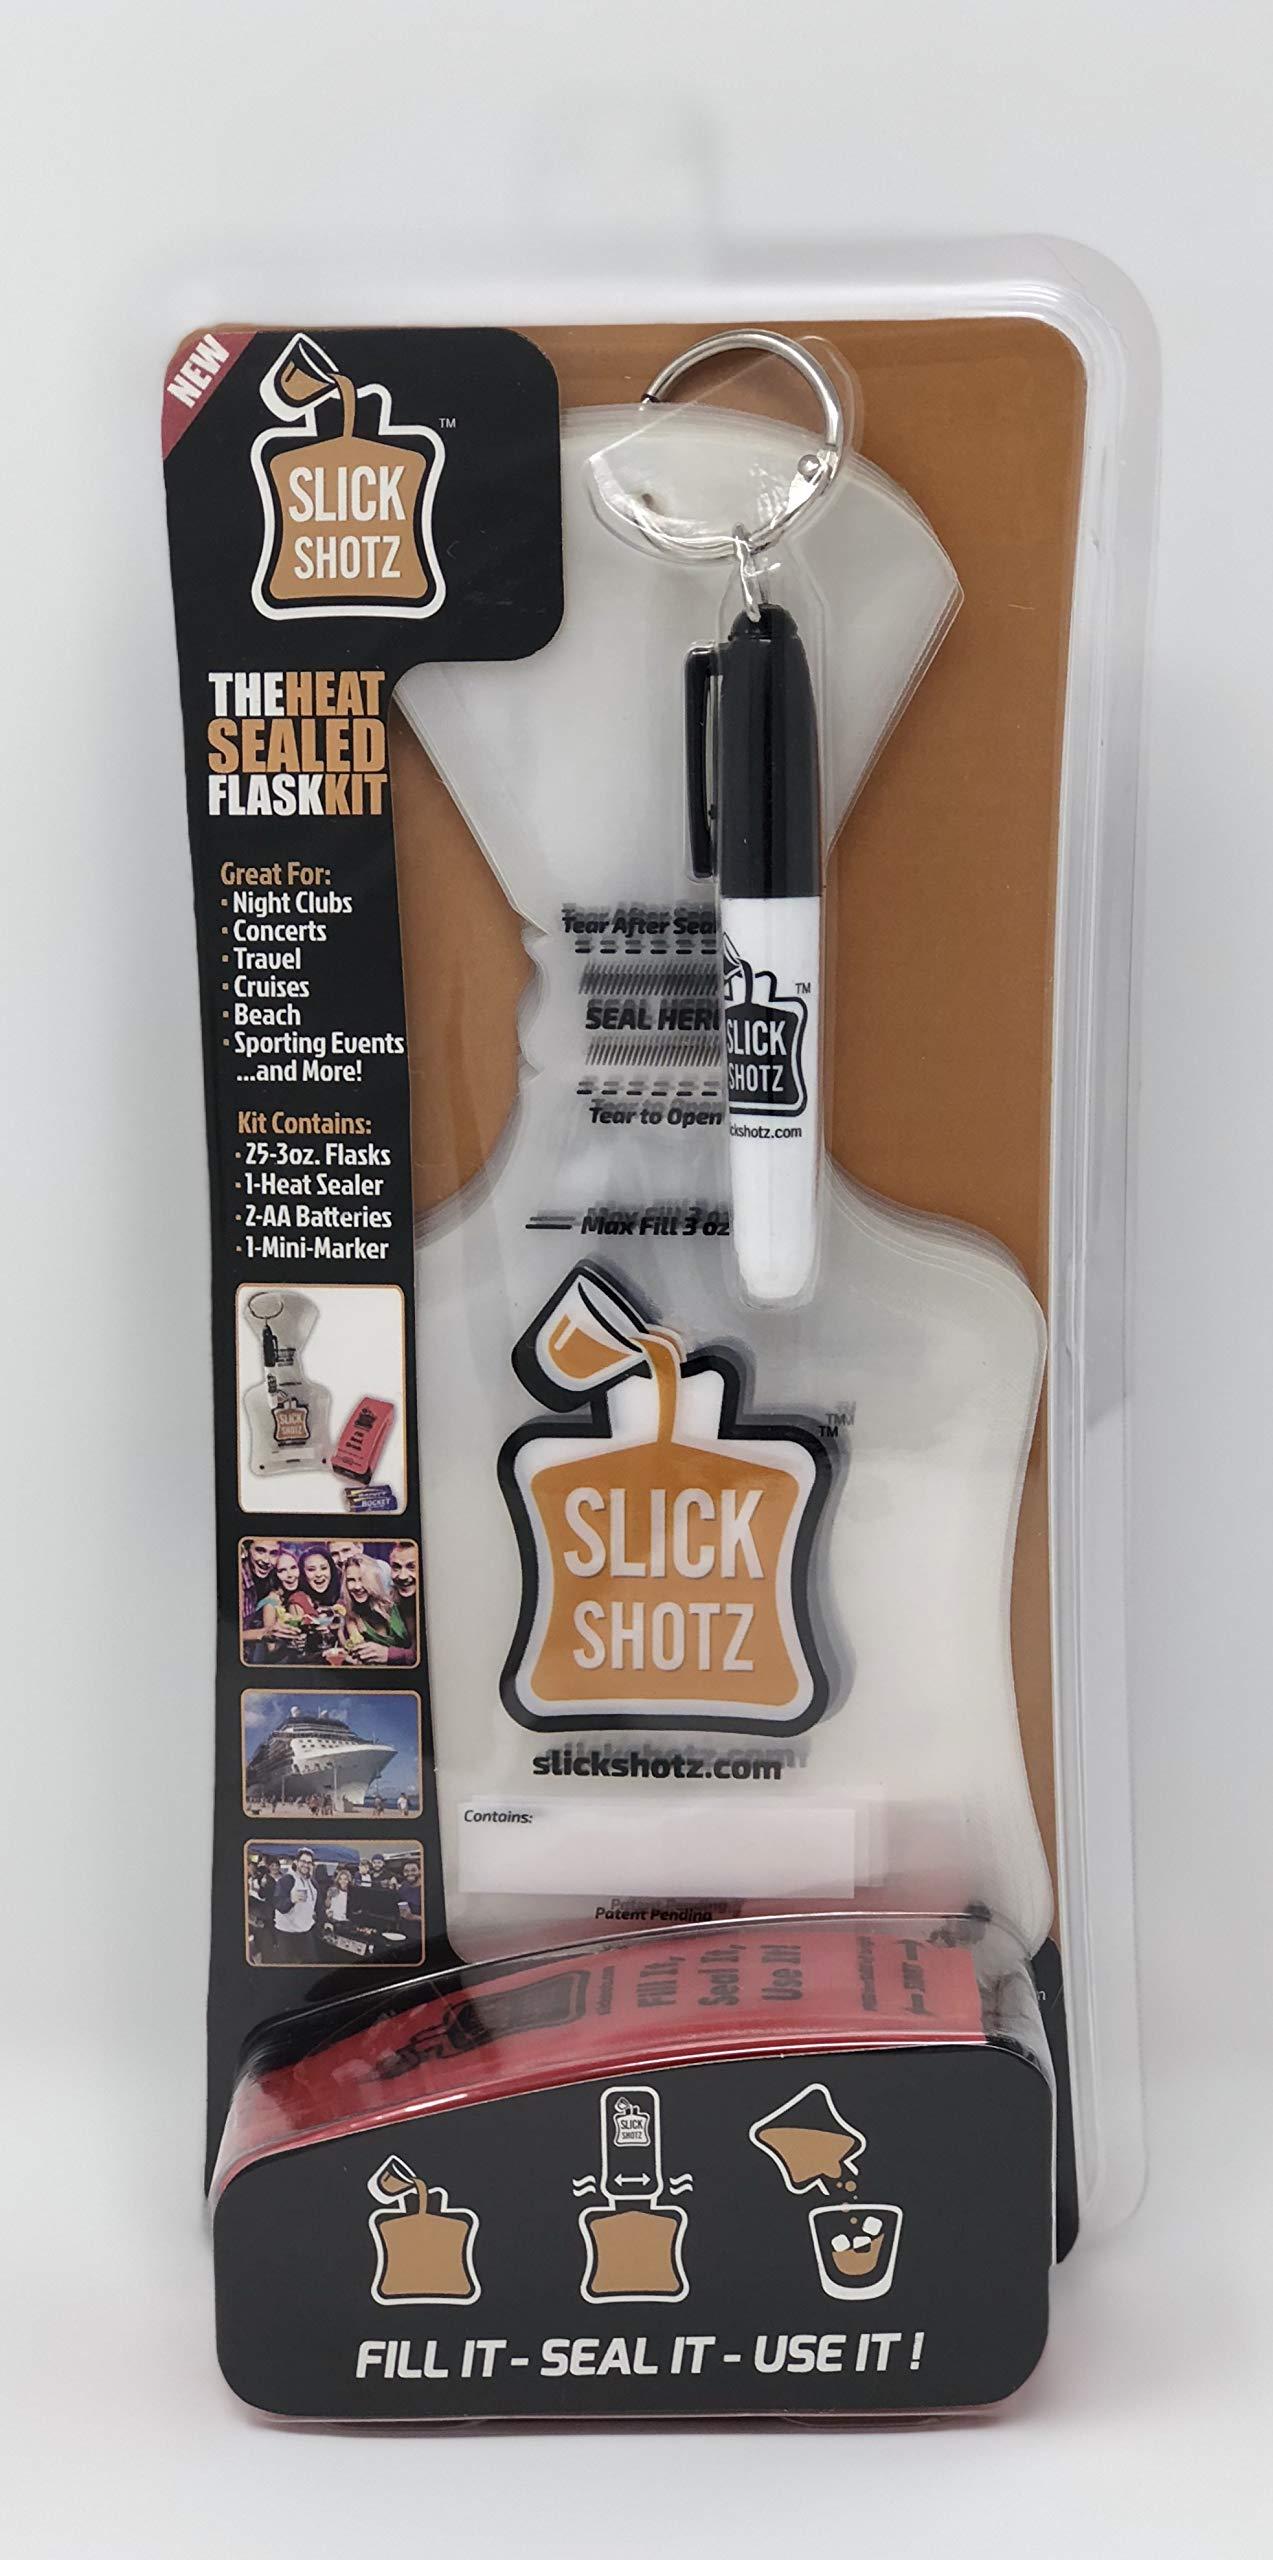 Slick Shotz